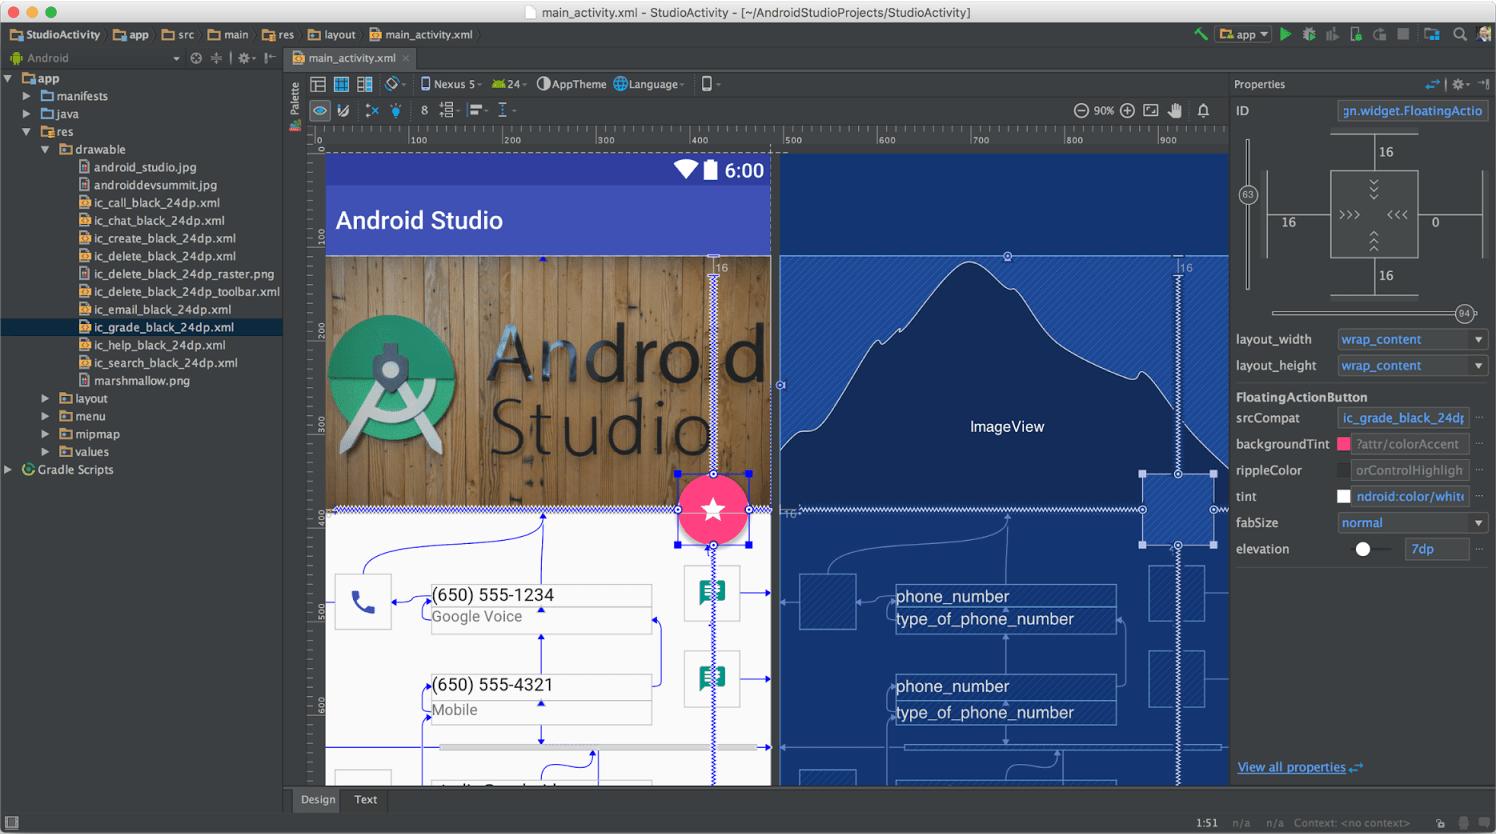 android_studio_22